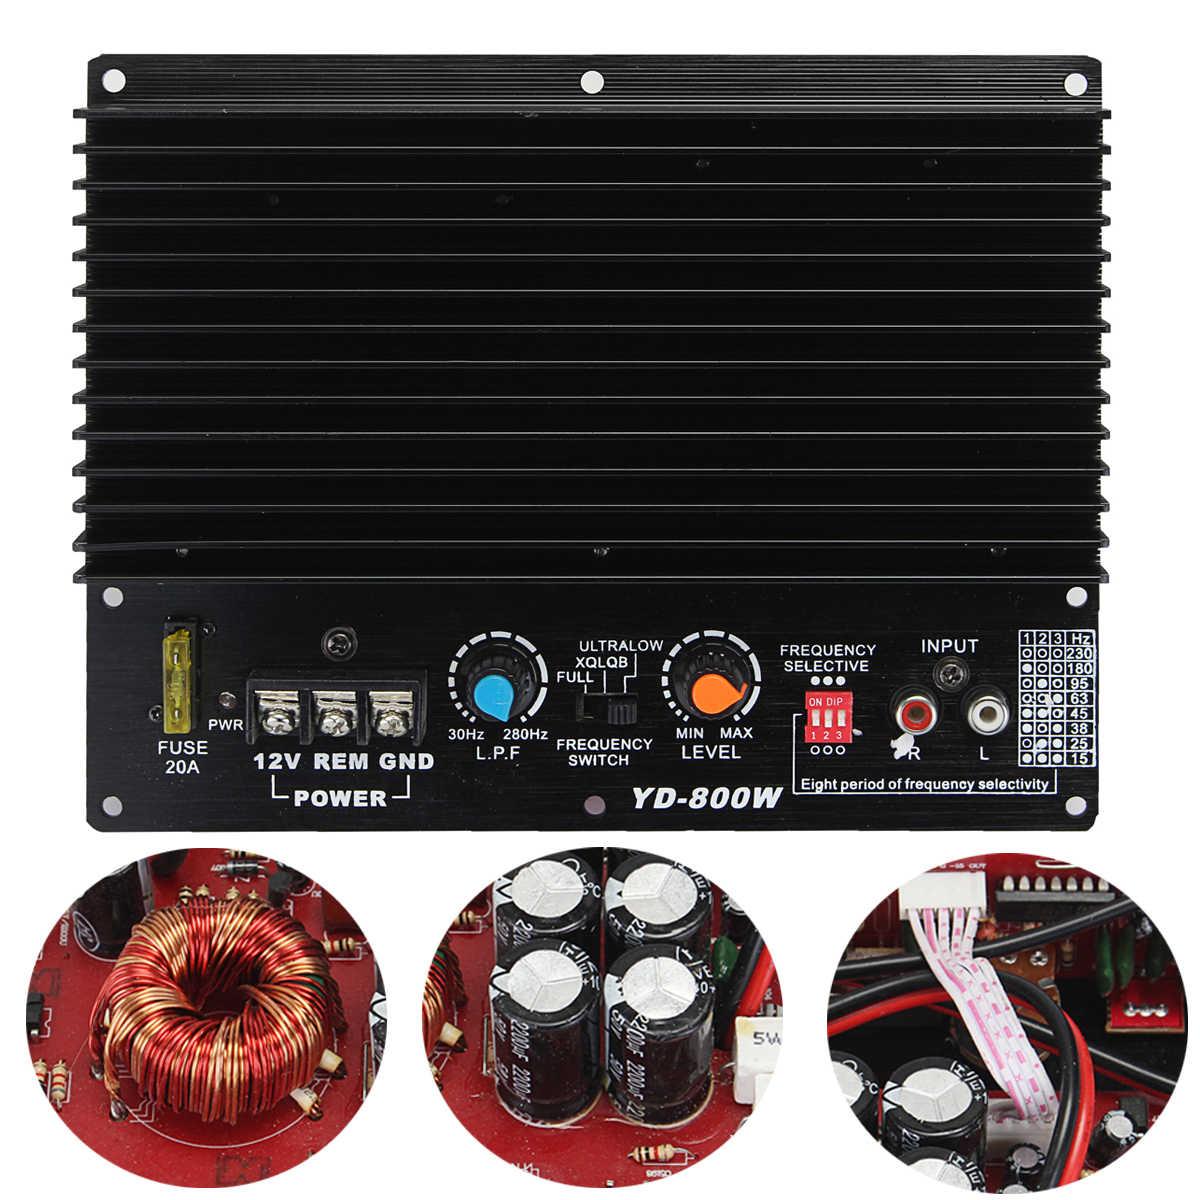 Авто аудио HiFi высокое мощность сабвуфер 200 Вт 12 В в сабвуфер усилители домашние доска Amp Mb